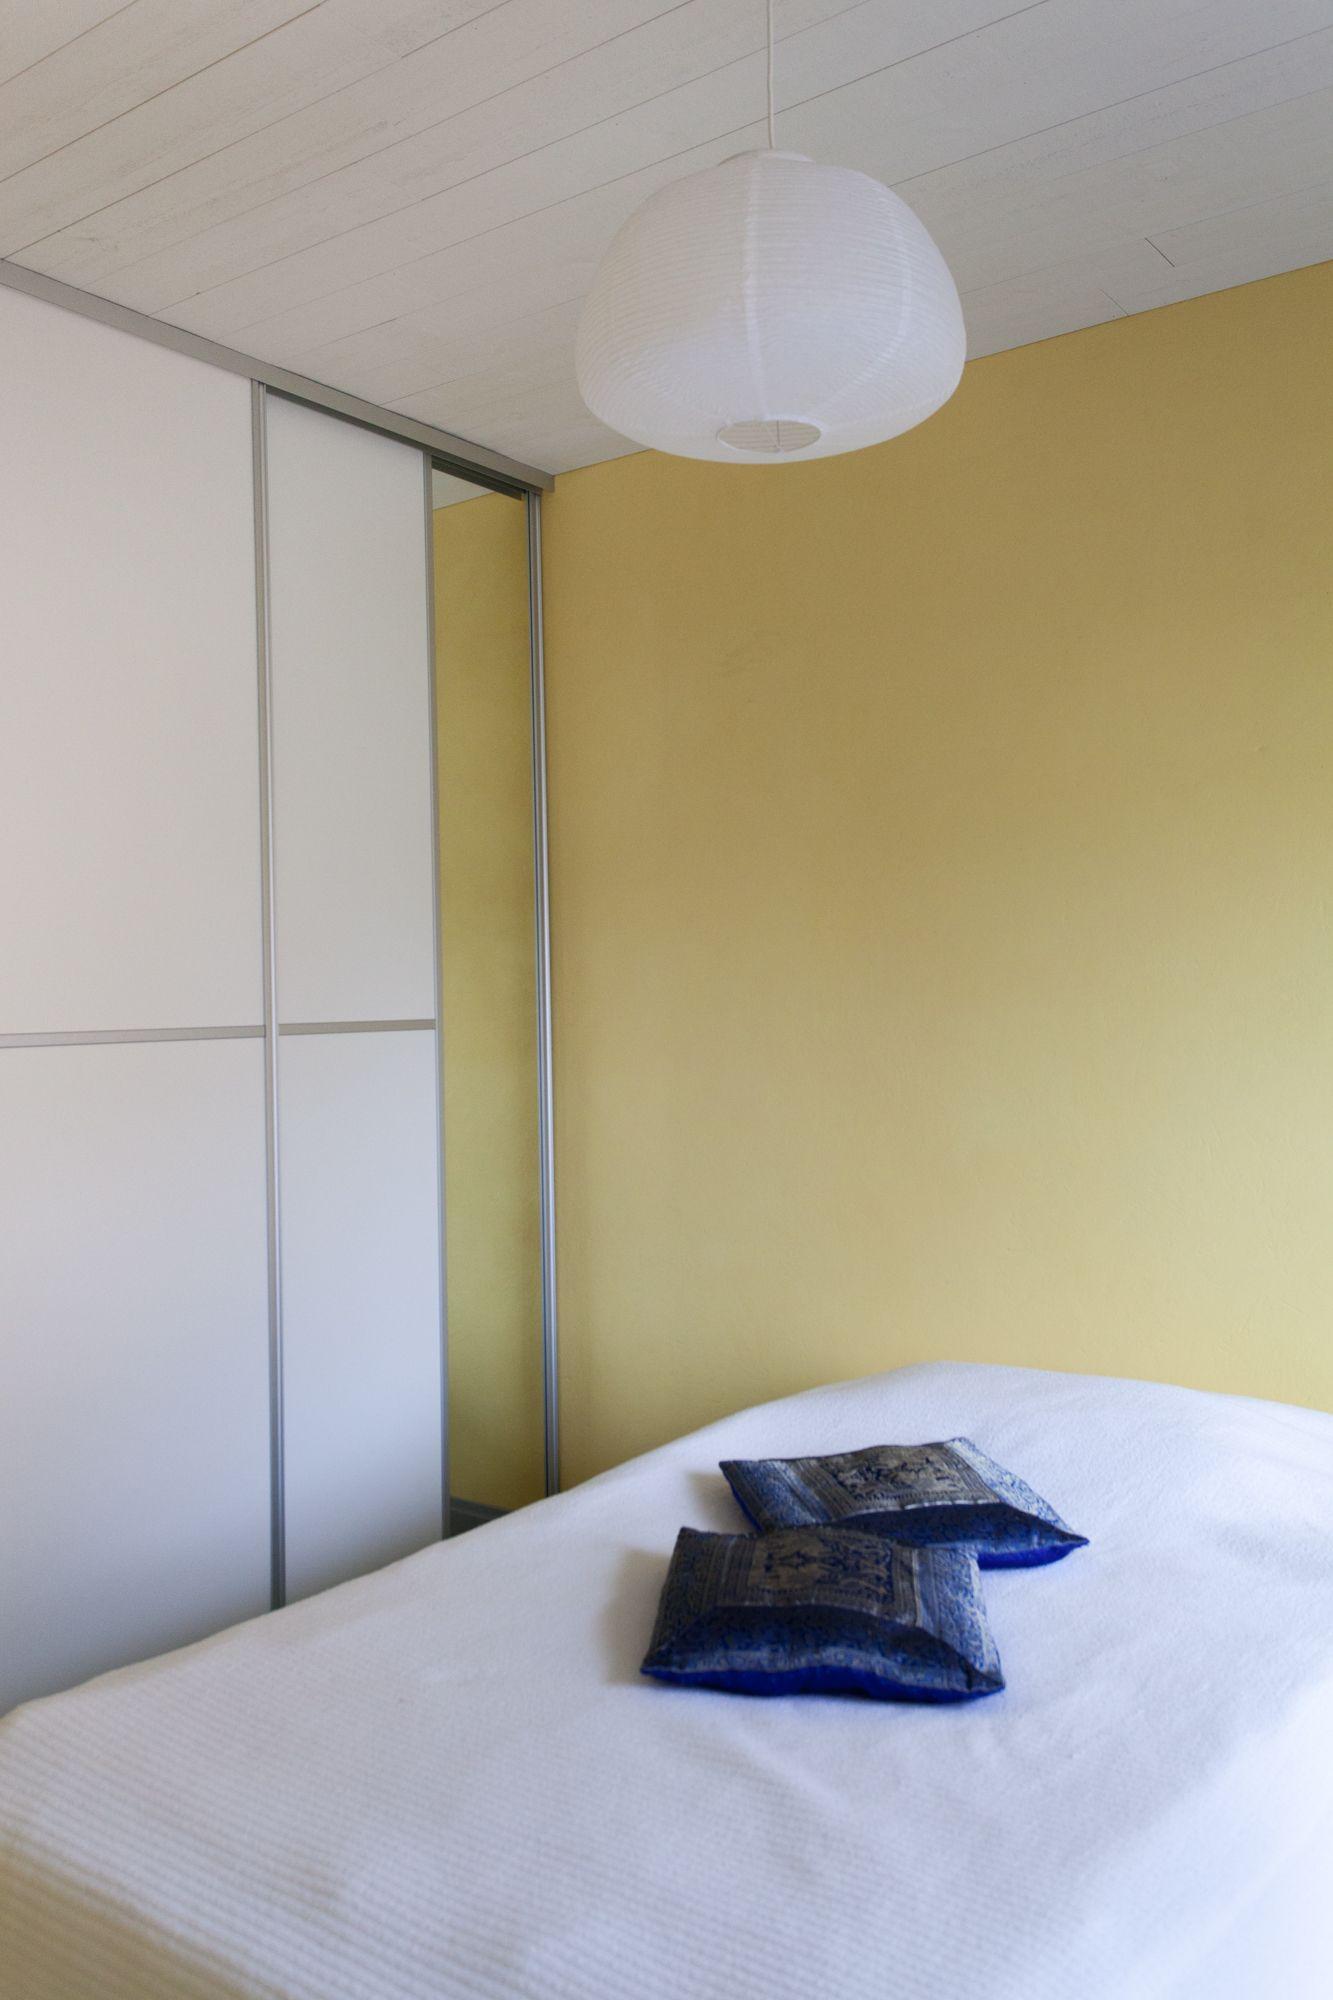 Keltaiset seinät makuuhuoneessa yhdistettynä valkoharmaisiin kaapinoviin luovat positiivista ja harmonista tunnelmaa. Seinät on maalattu Tikkurilan Tunne väri -kokoelman sävyllä J302 Banaani.